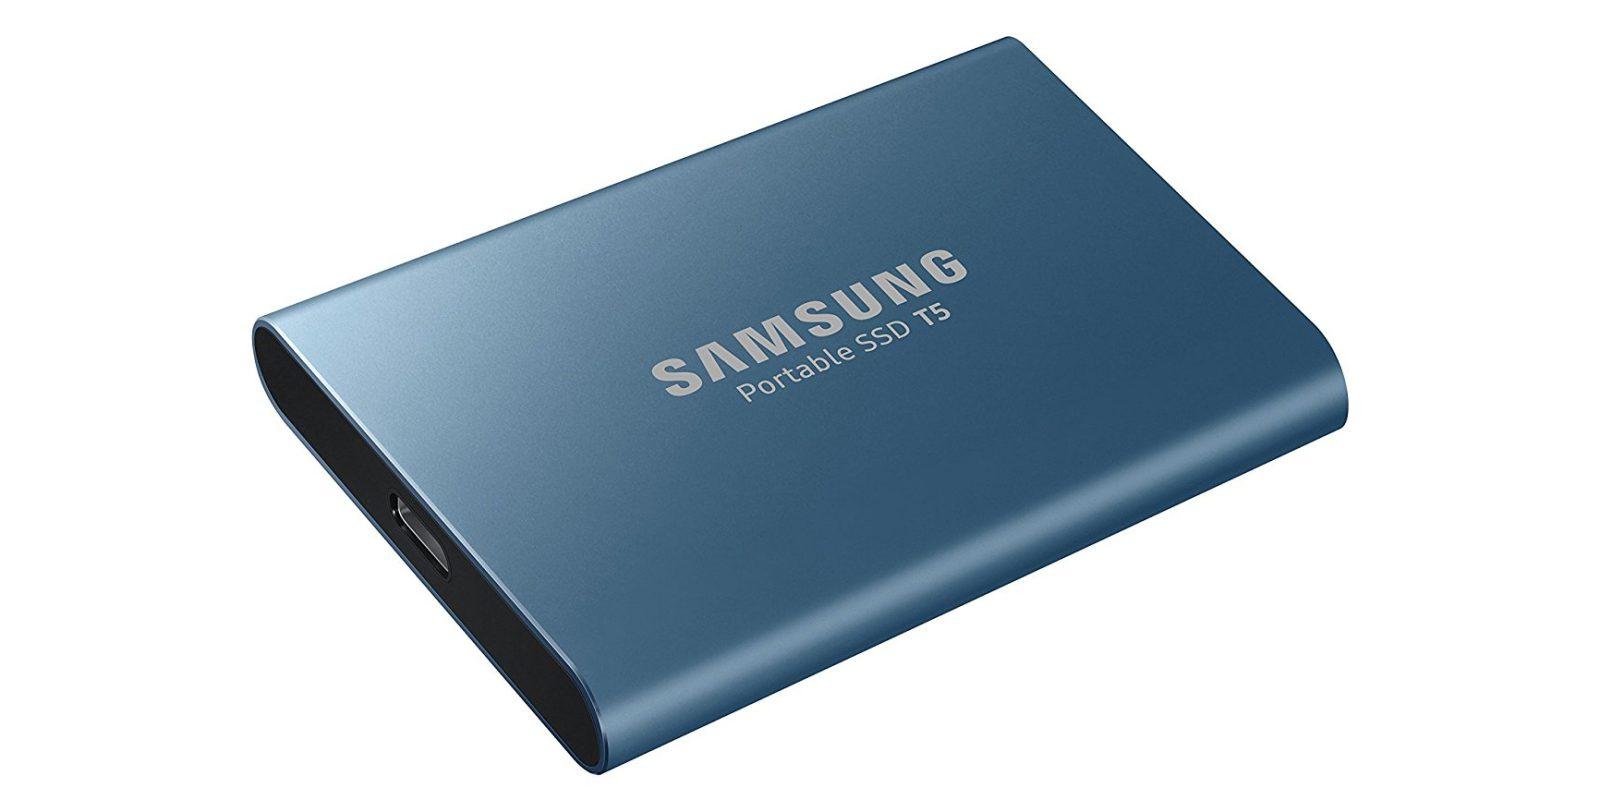 Samsung Portal SSD T5 500GB